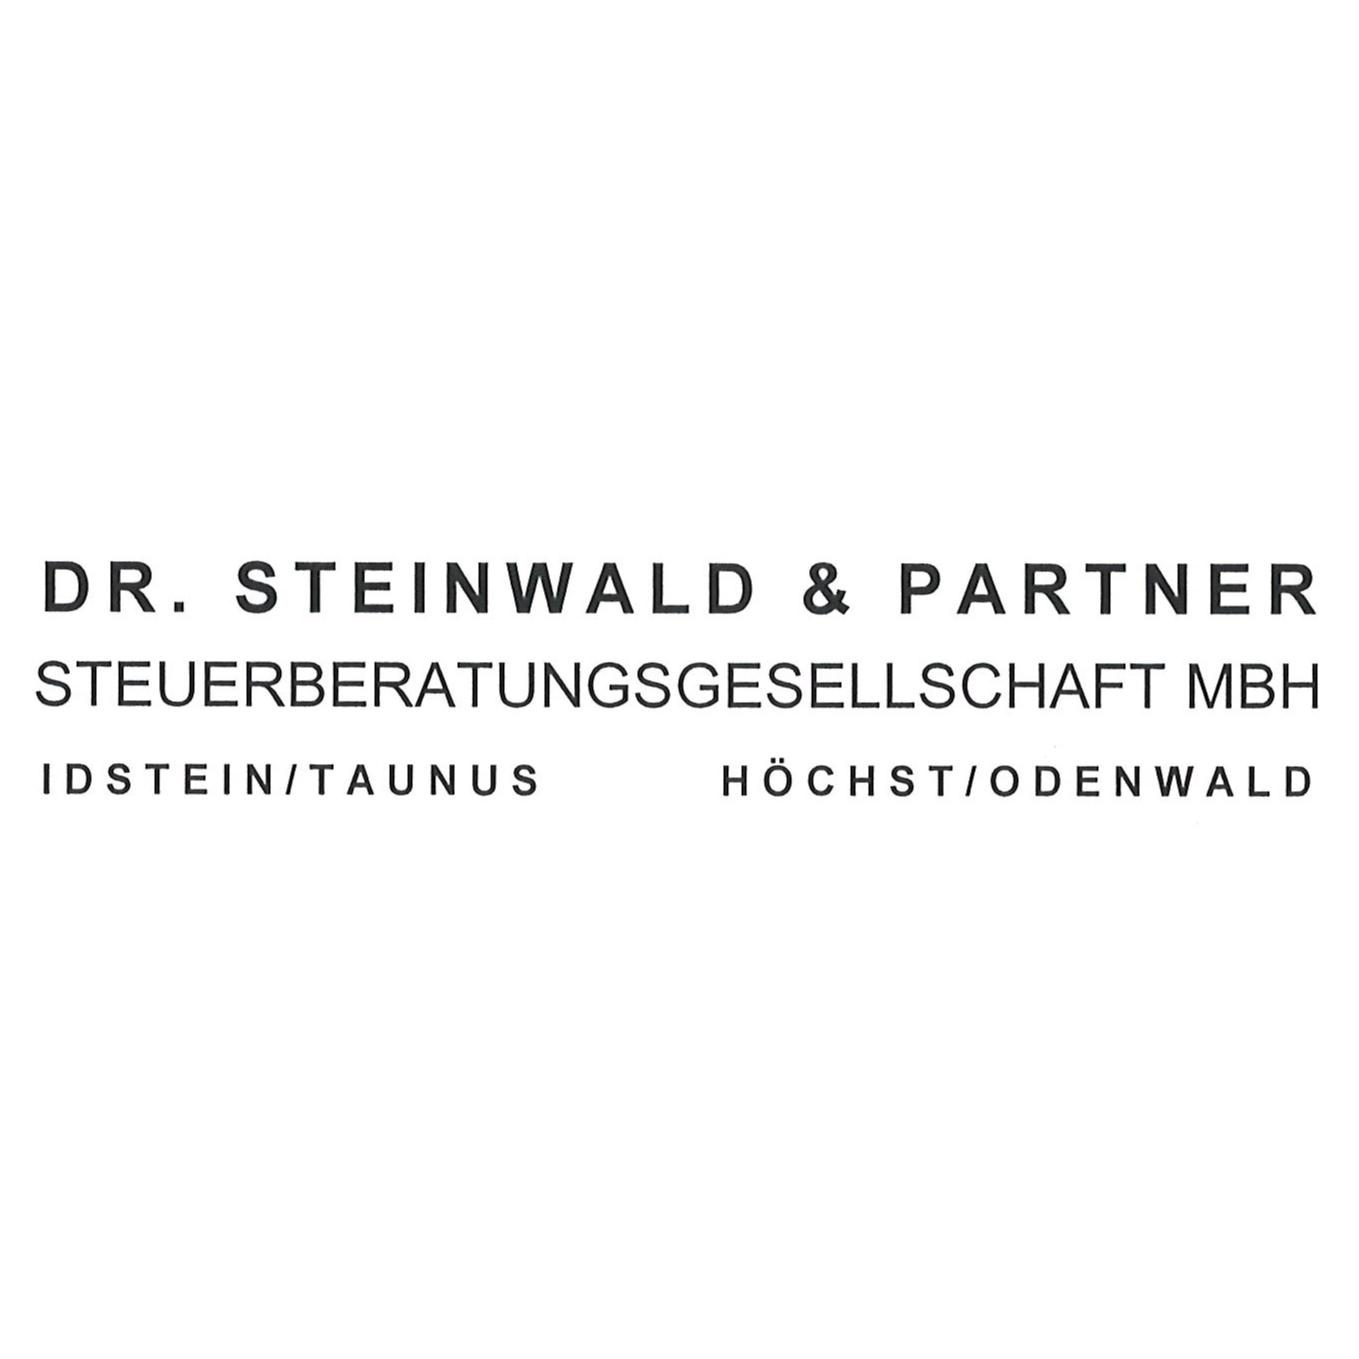 Bild zu Dr. Steinwald & Partner - StBG mbH in Idstein